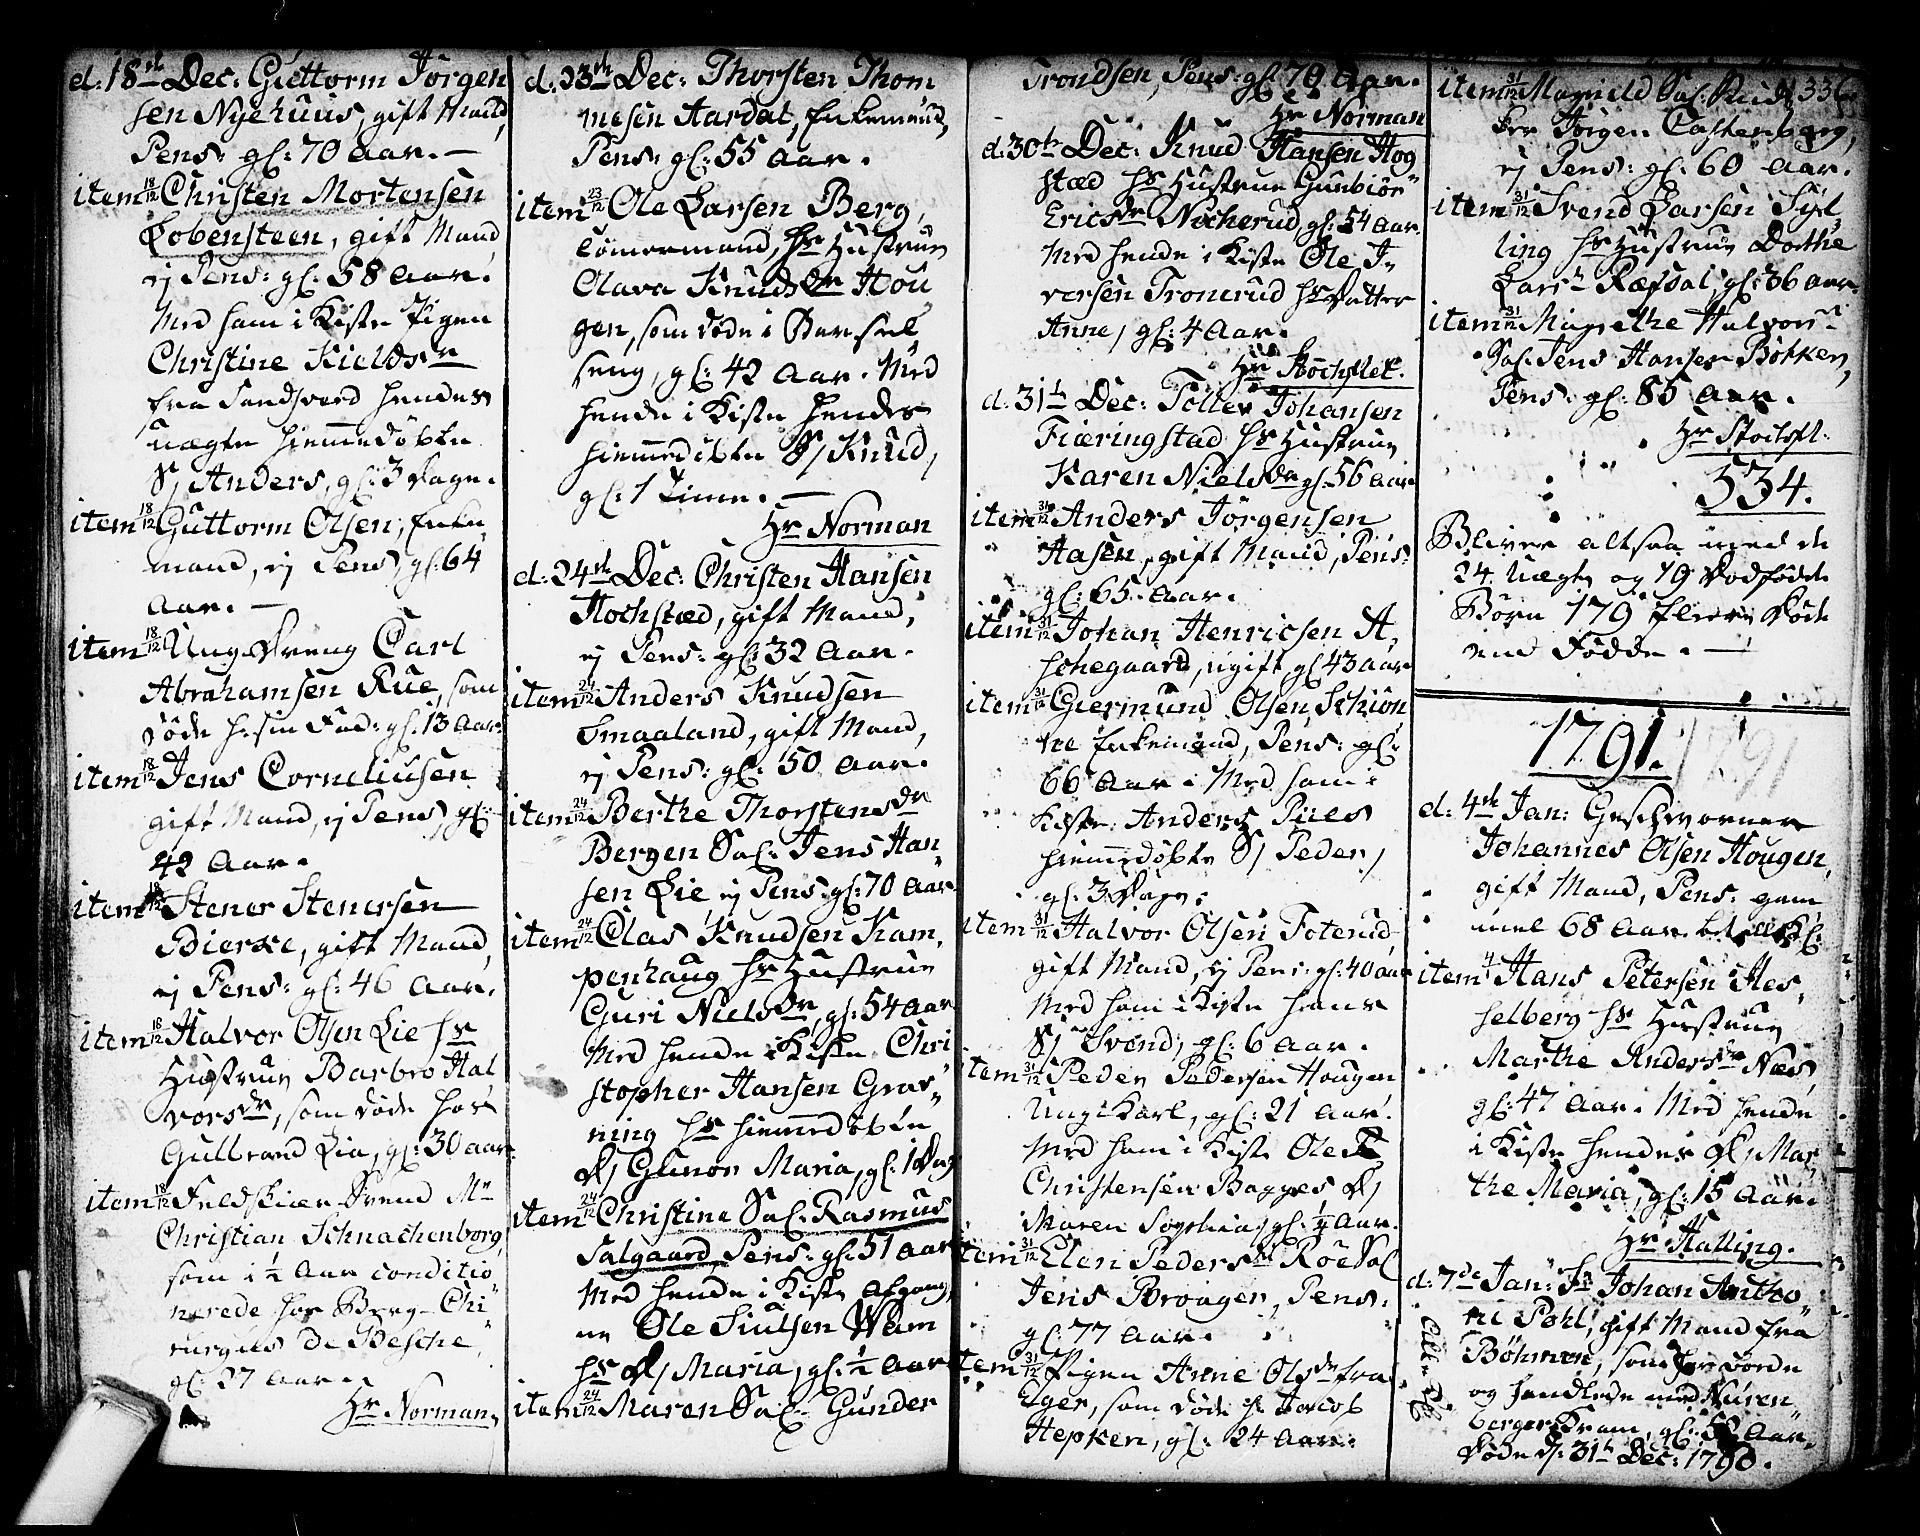 SAKO, Kongsberg kirkebøker, F/Fa/L0006: Ministerialbok nr. I 6, 1783-1797, s. 336